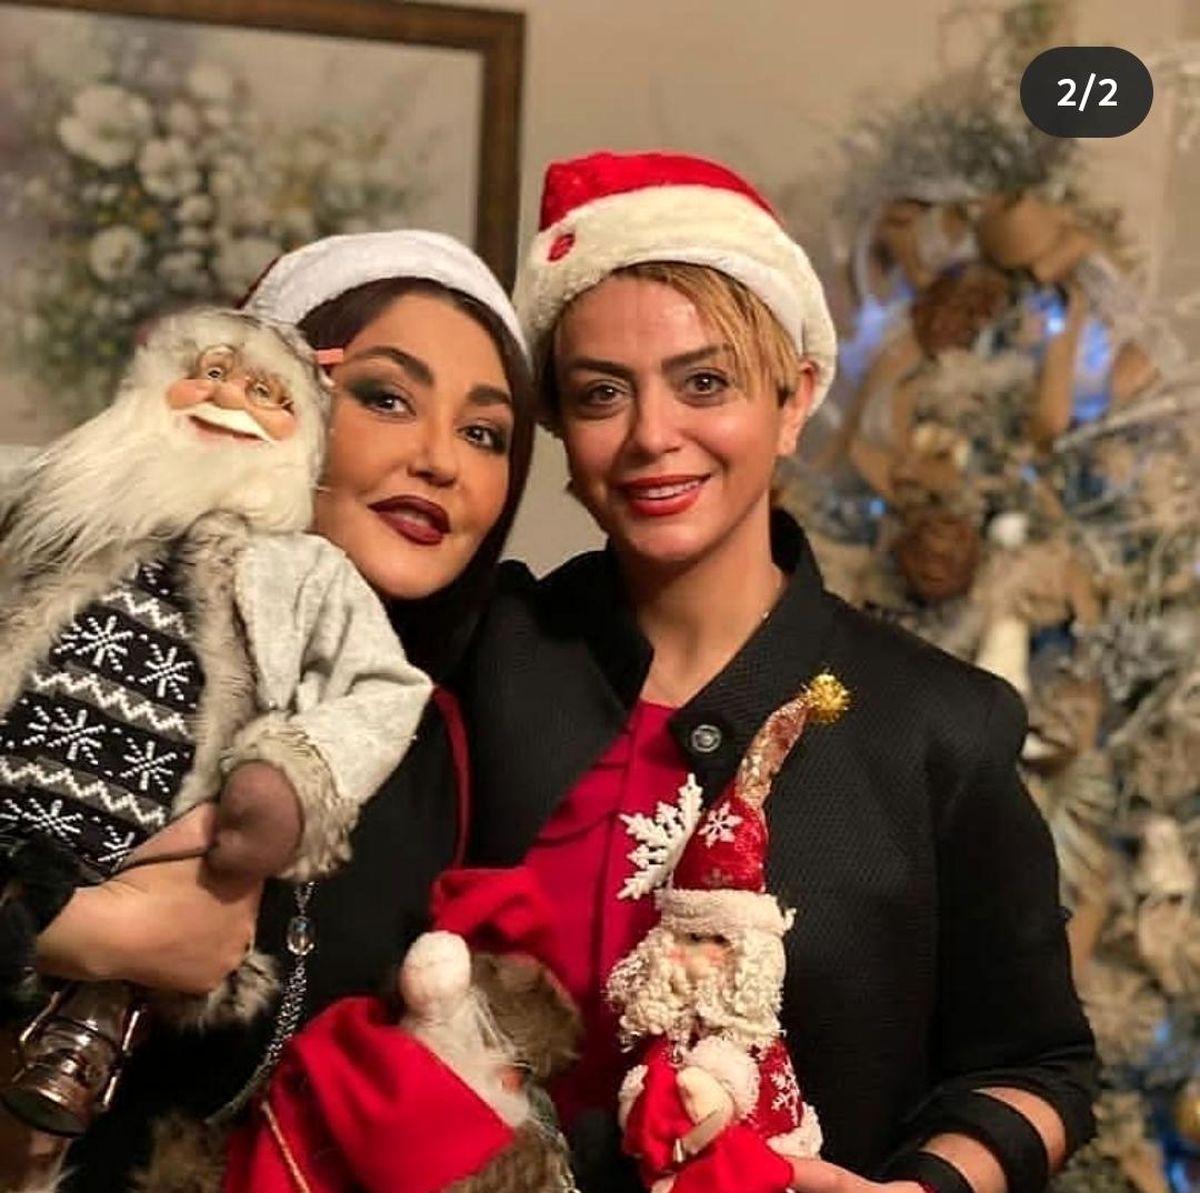 تیپ جنجالی شبنم فرشادجو،هانیه توسلی و شقایق فراهانی در کریسمس + عکس